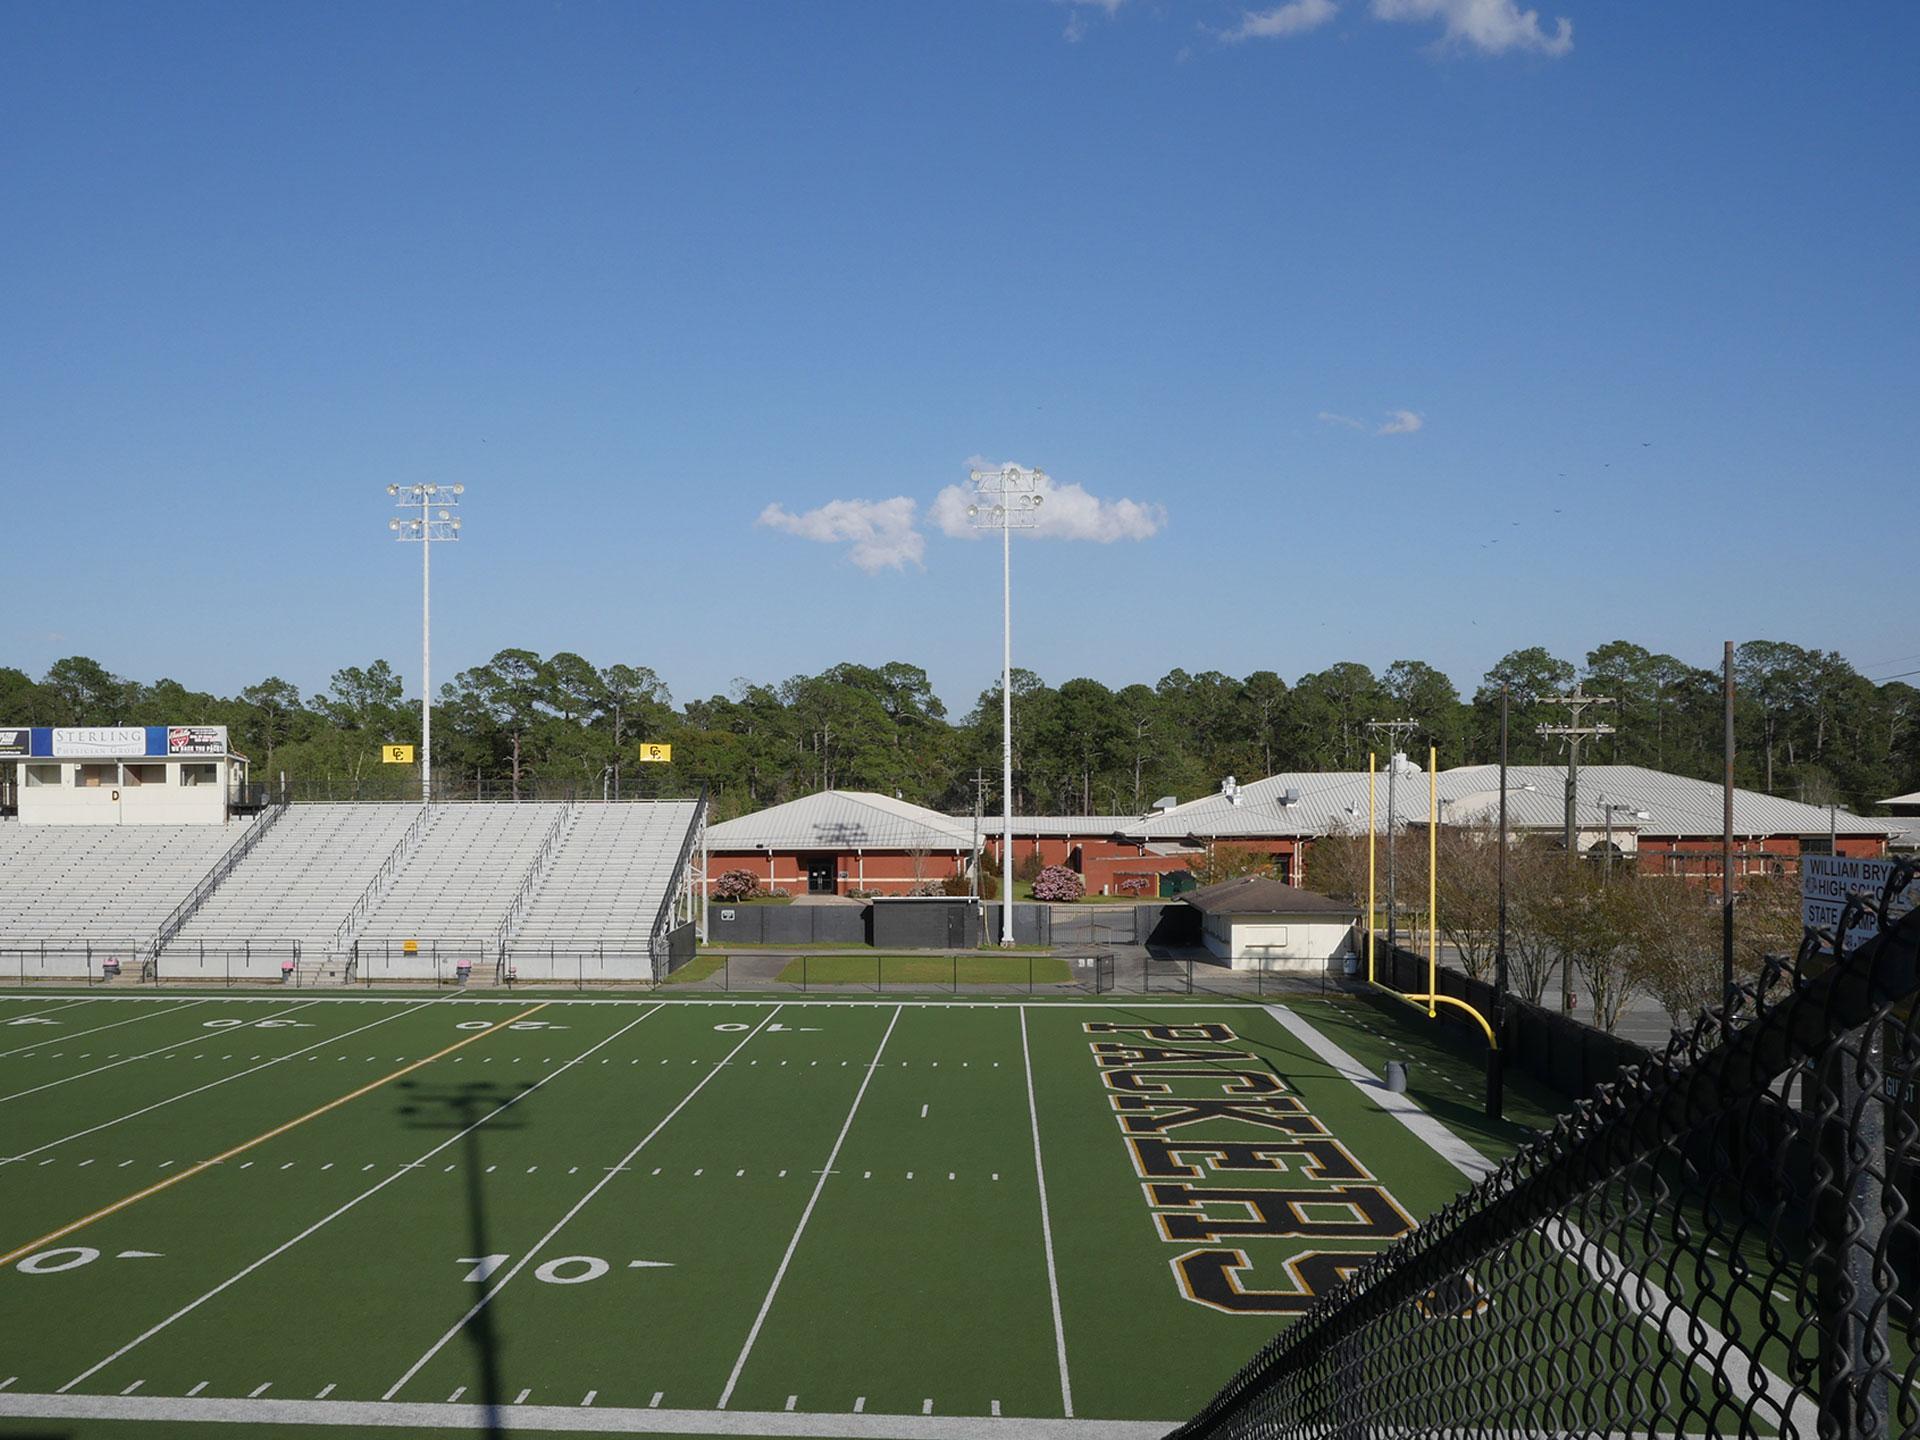 tom-white-field-at-mack-tharpe-stadium